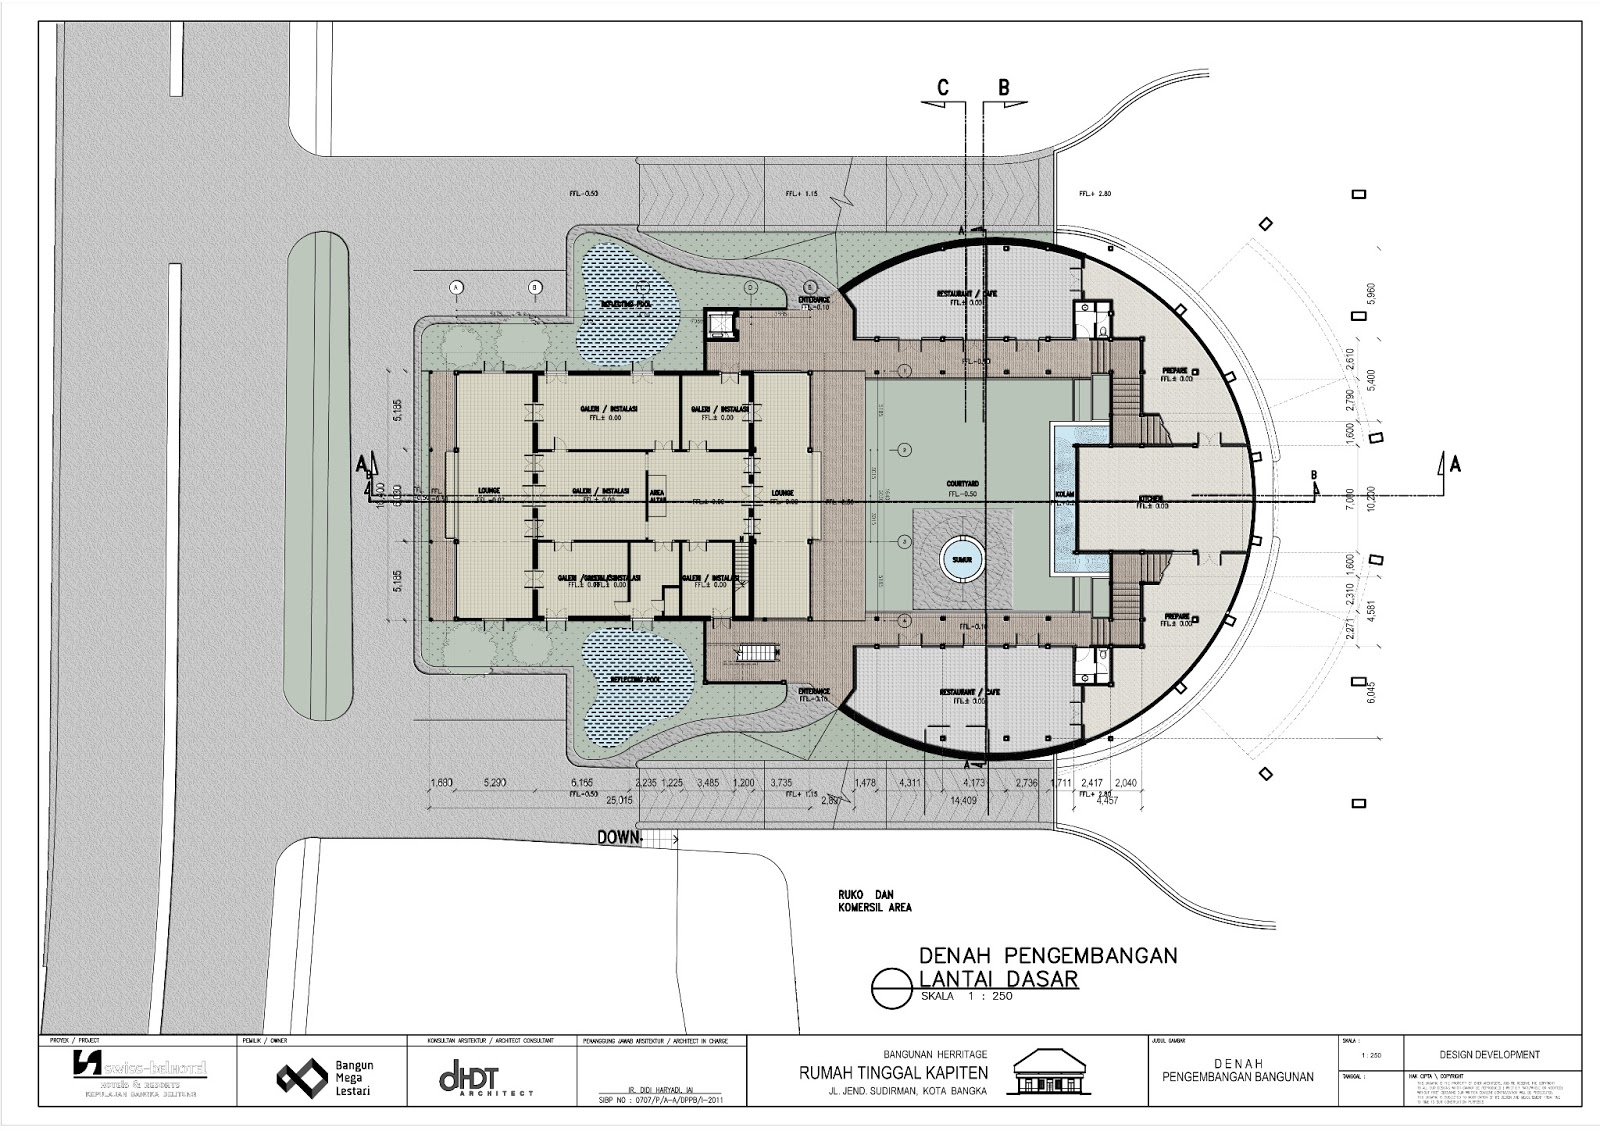 Desain kamar hotel bintang 4 info lowongan kerja id for Design hotel bintang 3